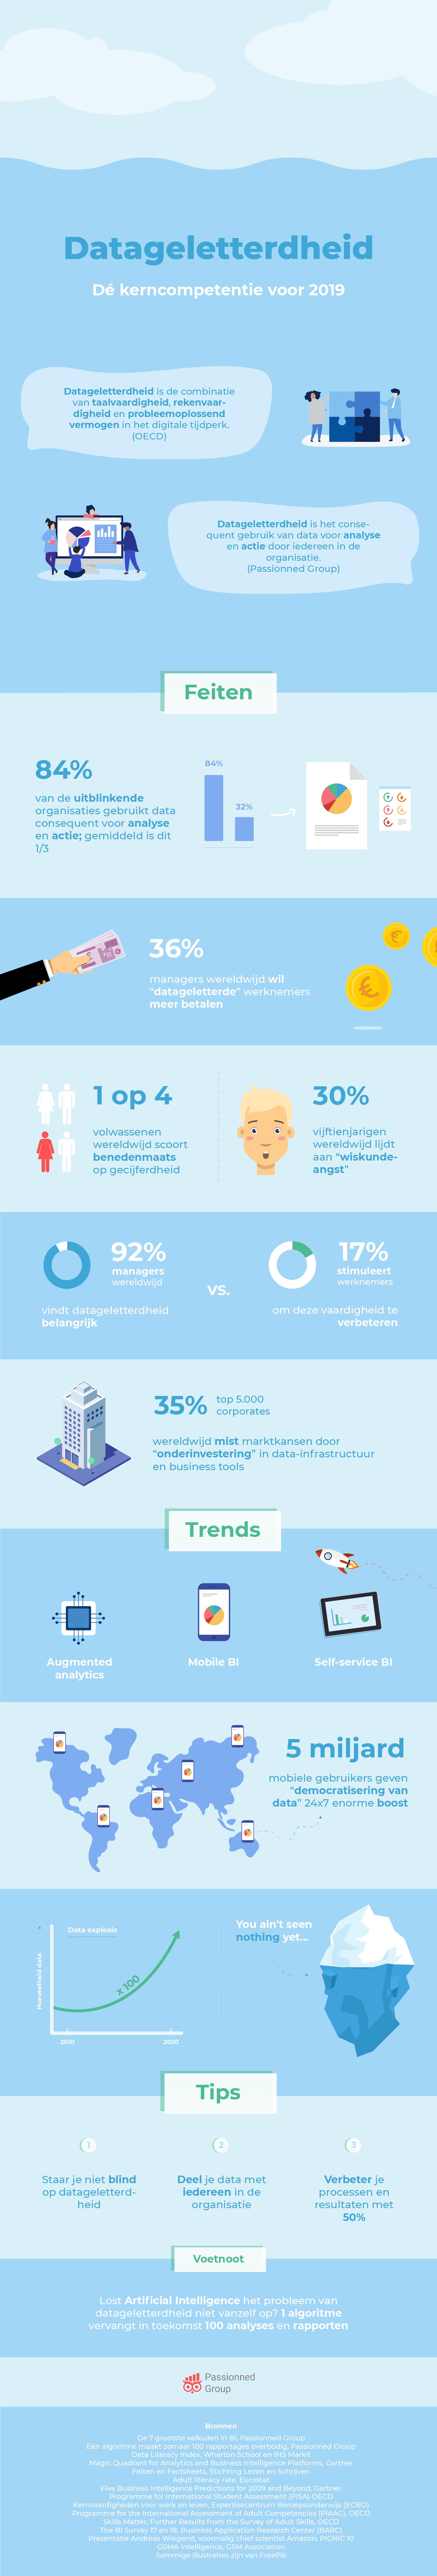 Infographic over datageletterdheid